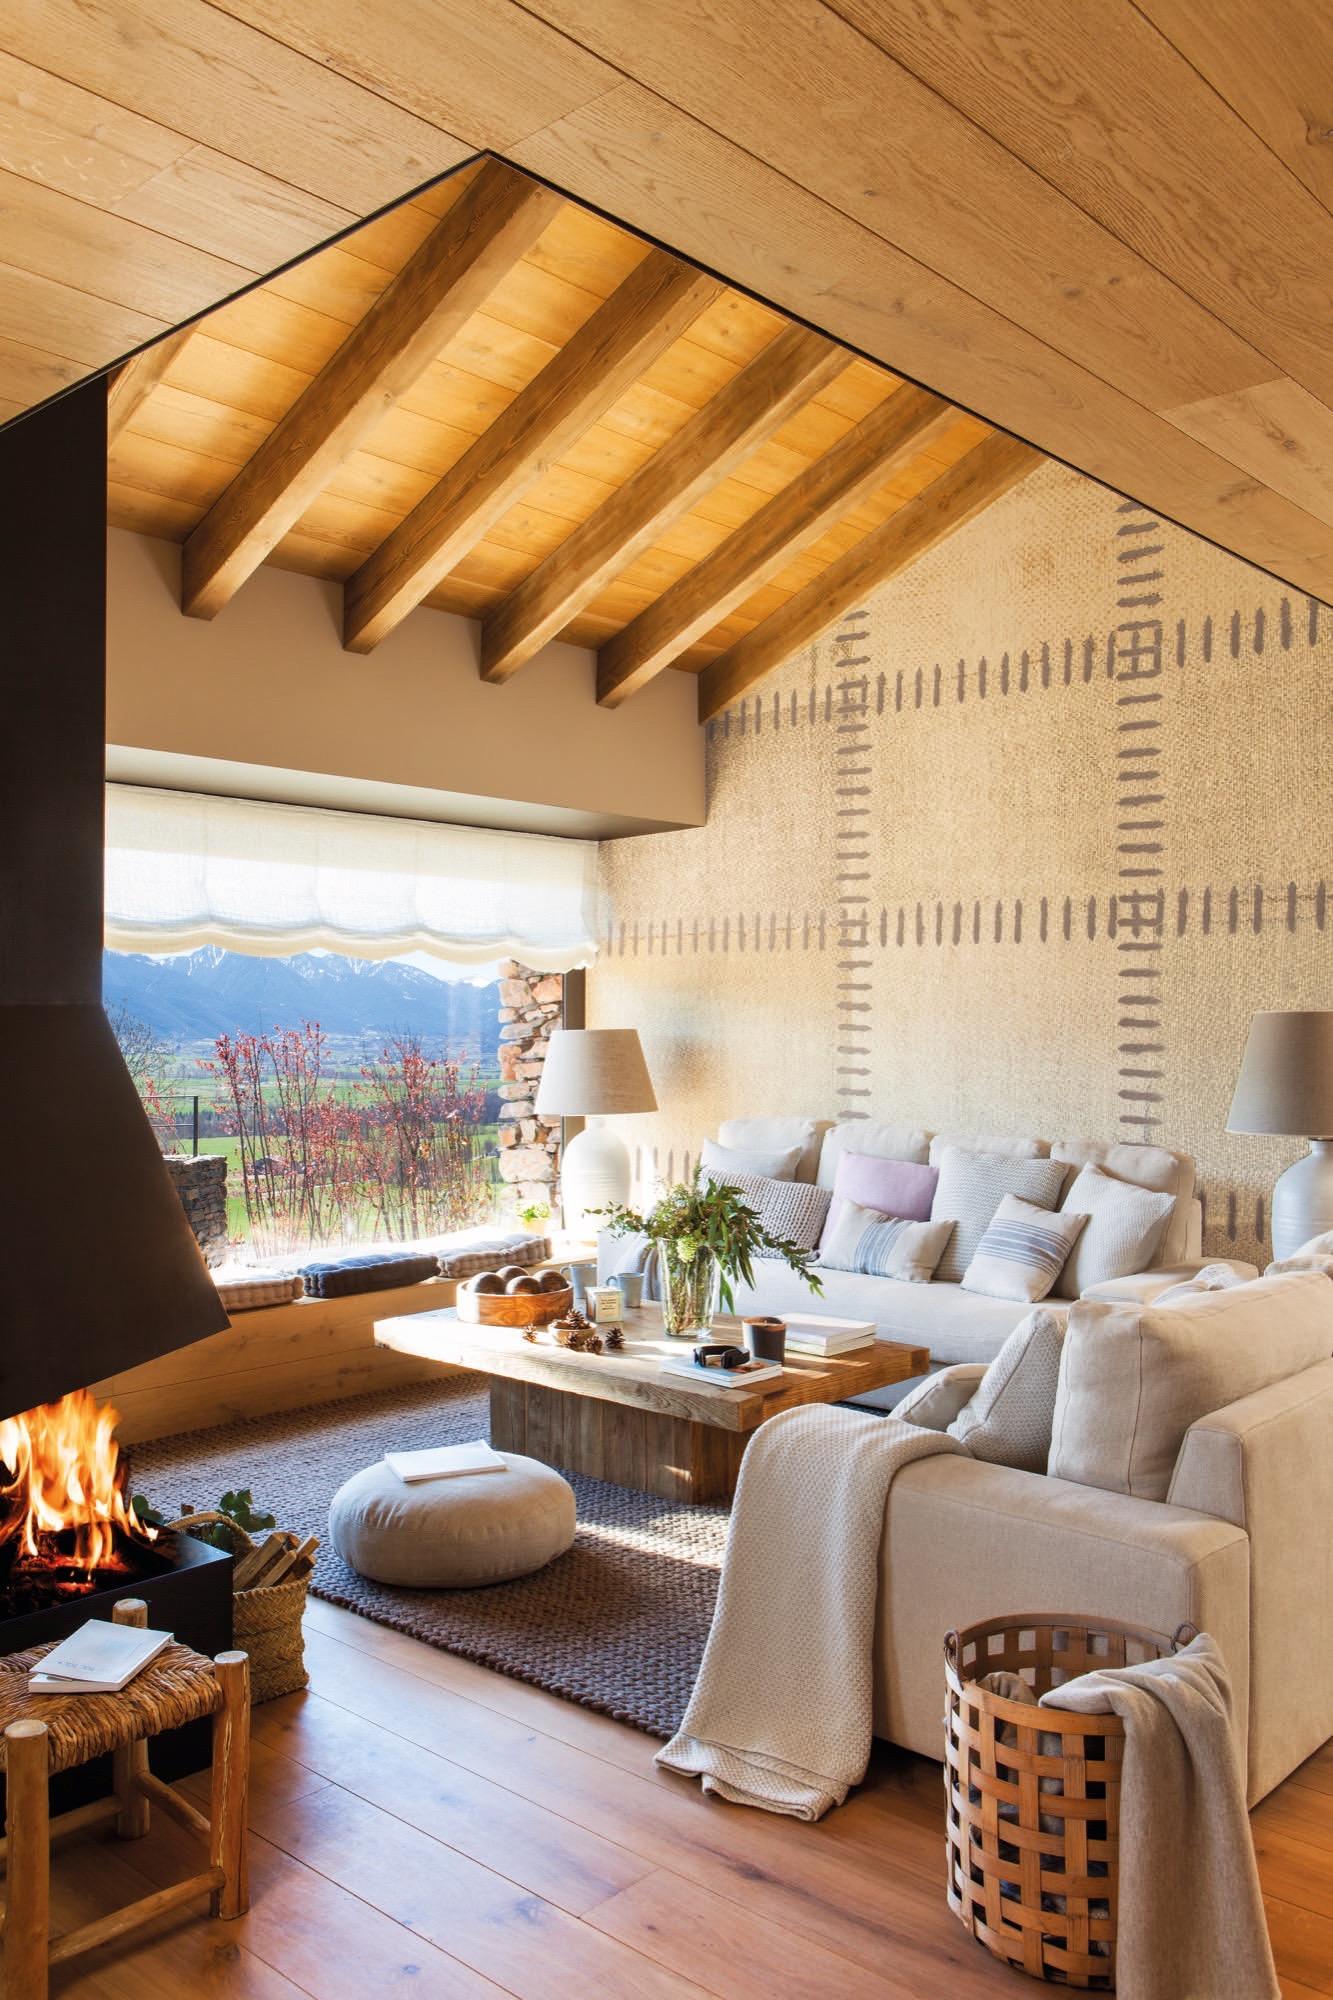 Una casa de monta a c lida acogedora y muy abrigada en la - Cabanas de madera en la nieve ...